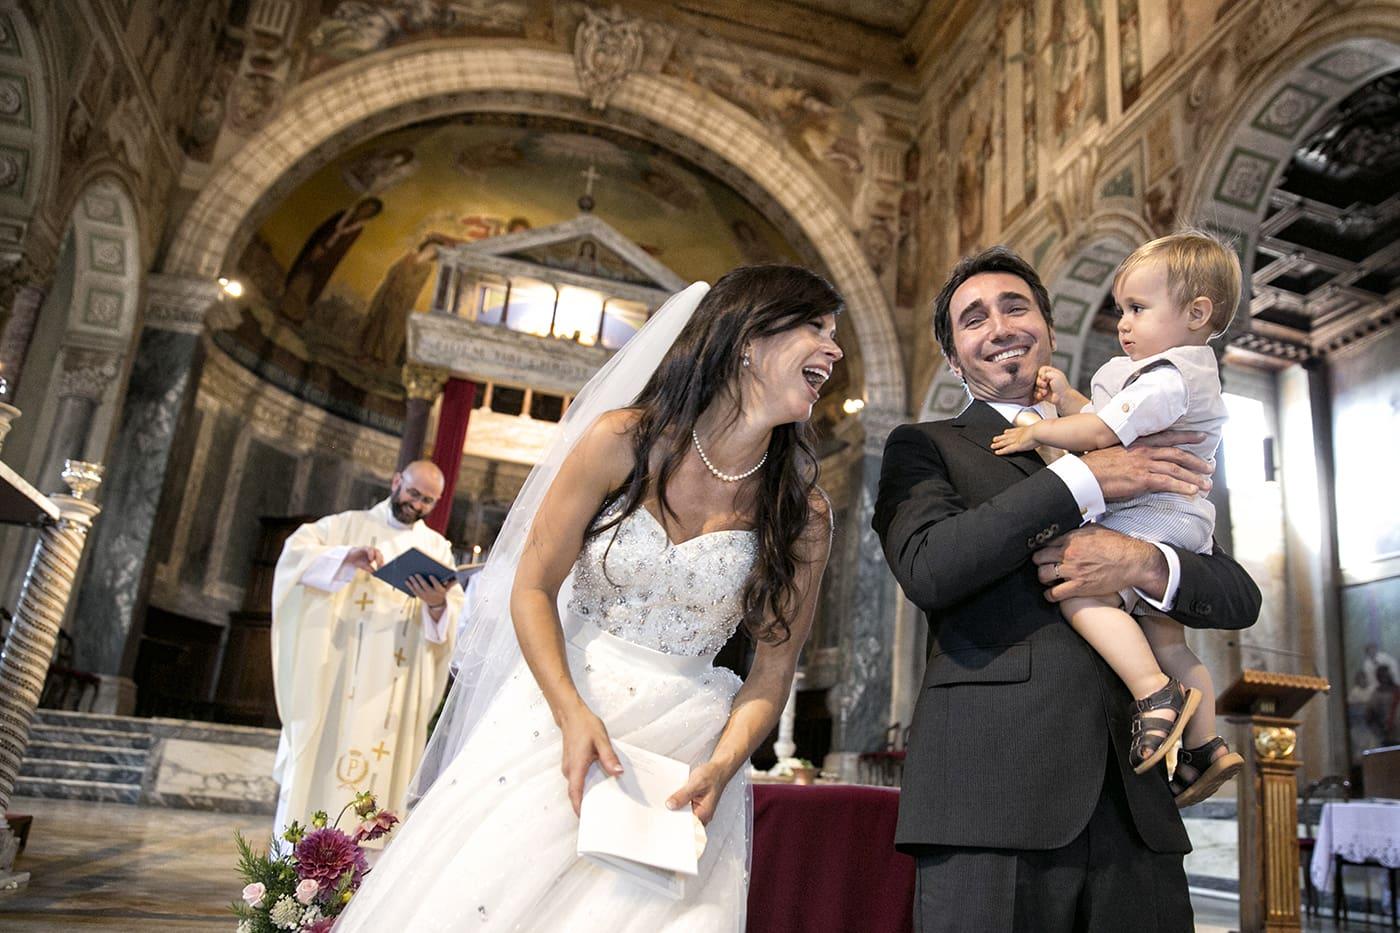 J + M + L | servizi fotografici di matrimonio